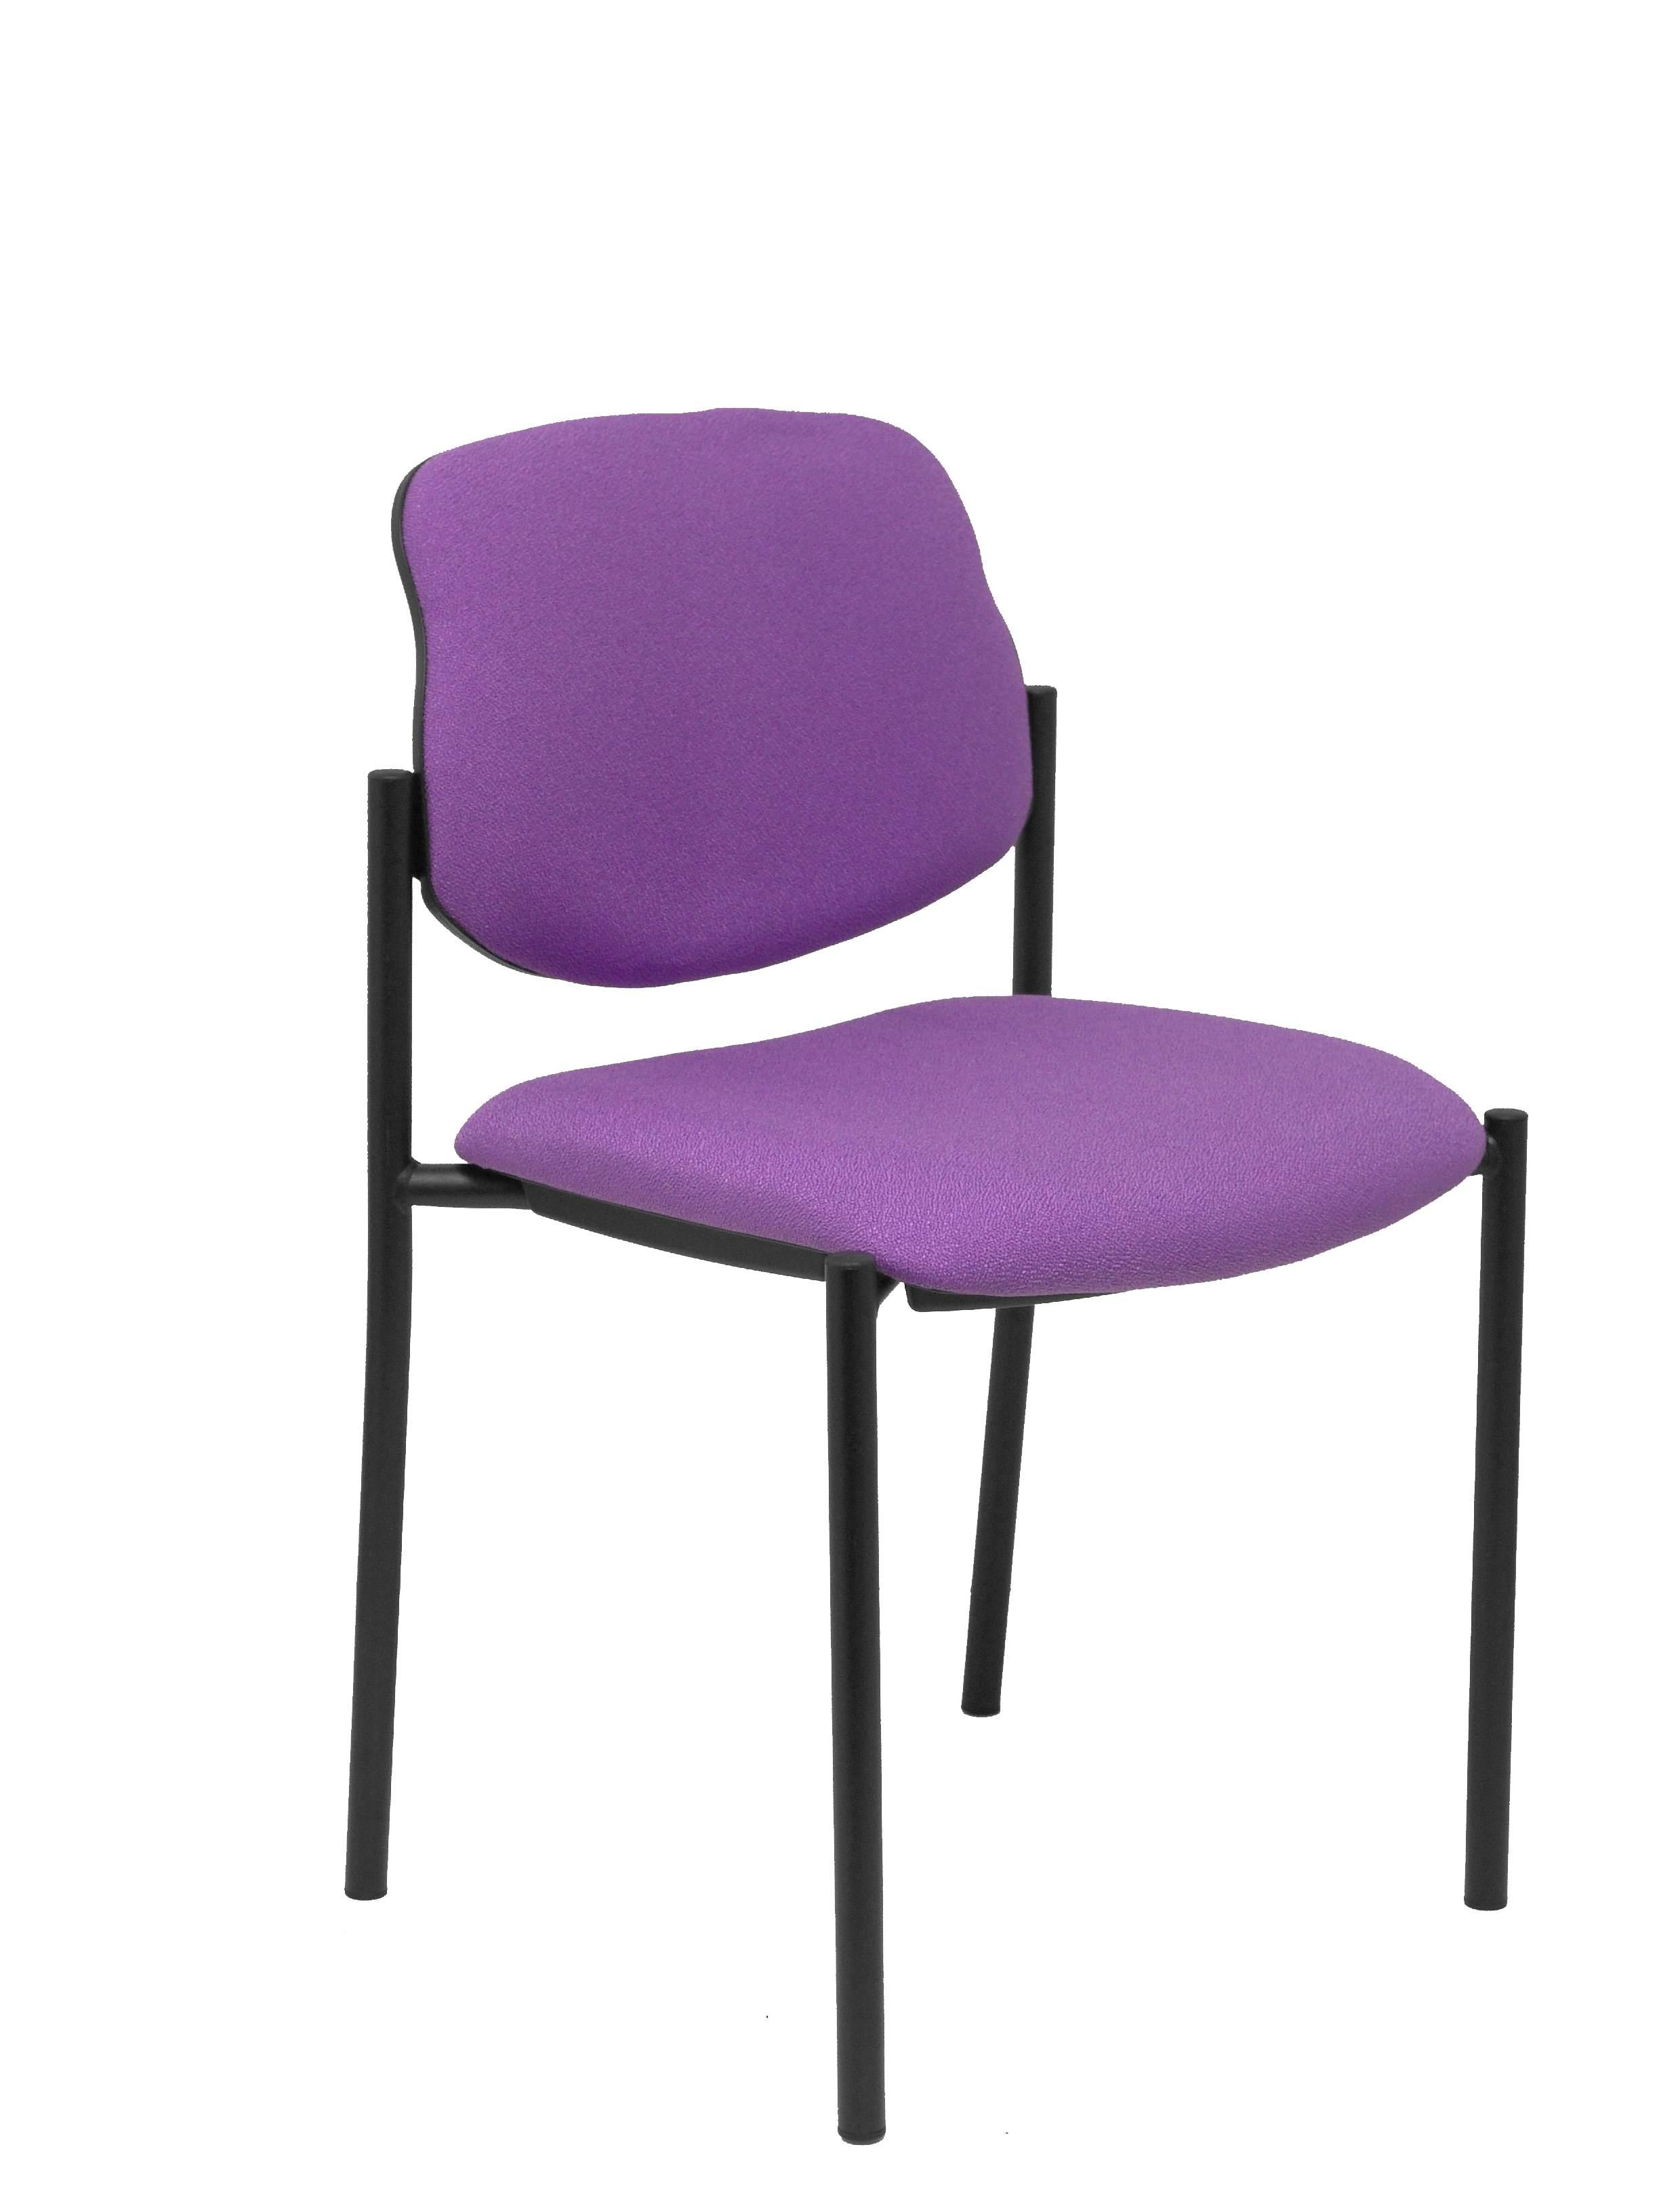 Bestee Verkauf Online Kaufen Sie einen Stuhl | Heldenyoga